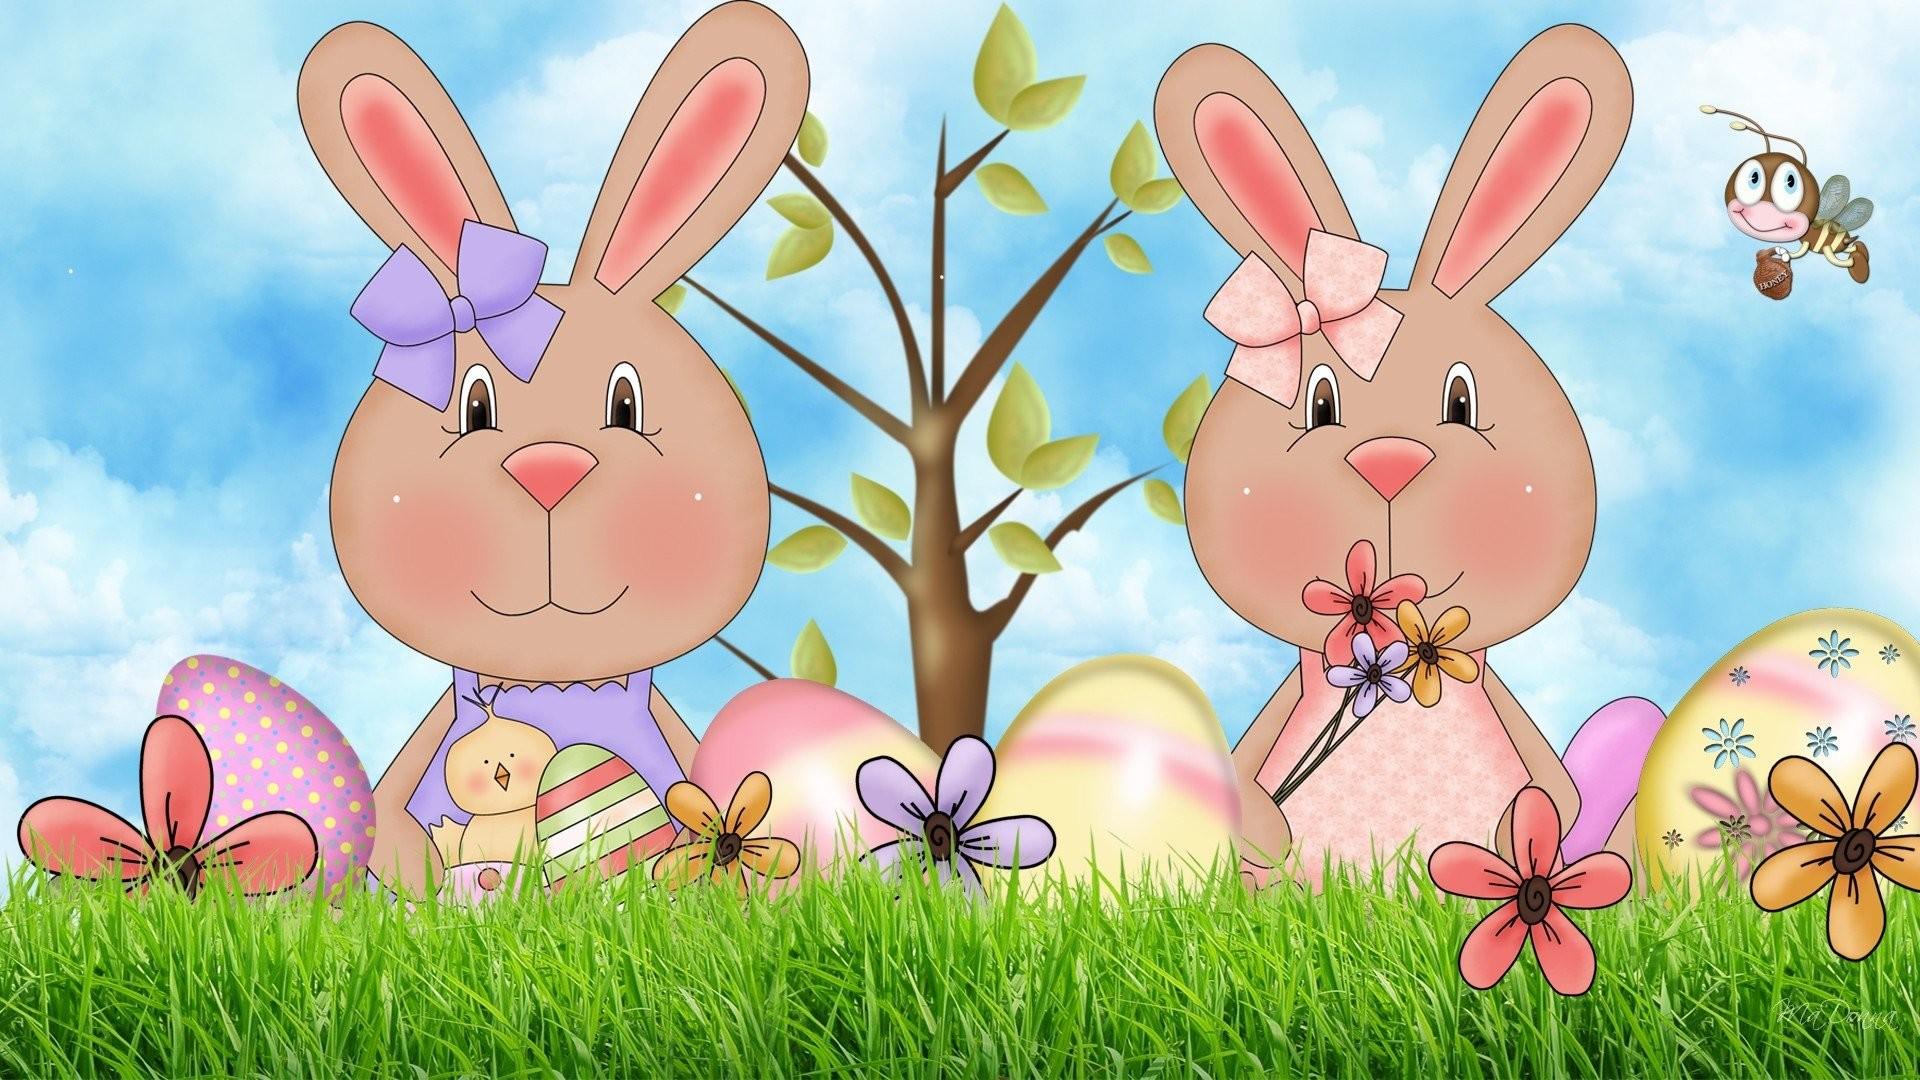 Wallpaper desktop love cartoon elf rabbit easter.